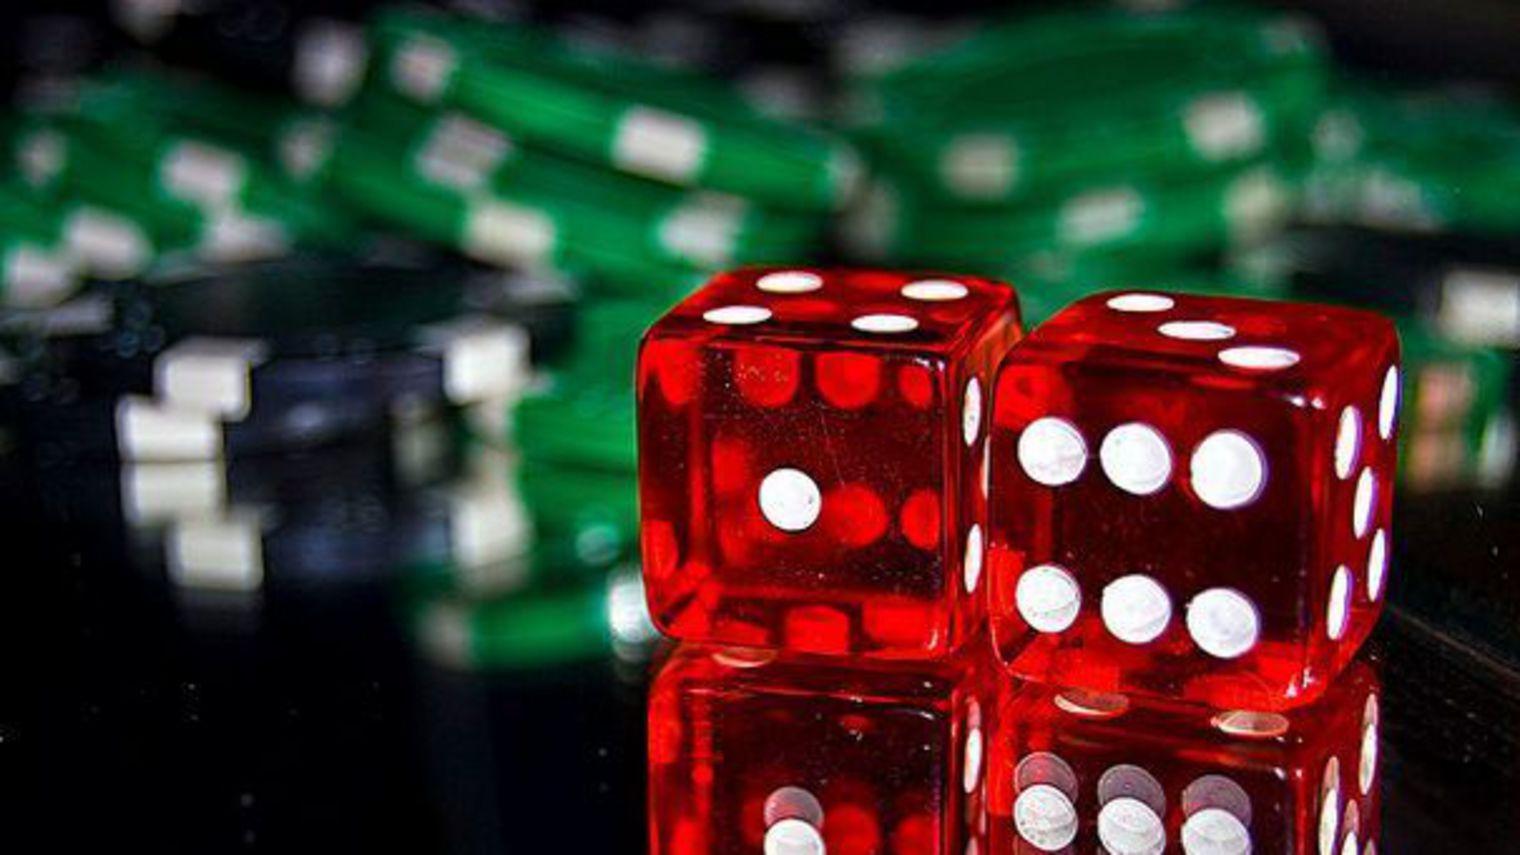 Installer des jeux casino sur mobile